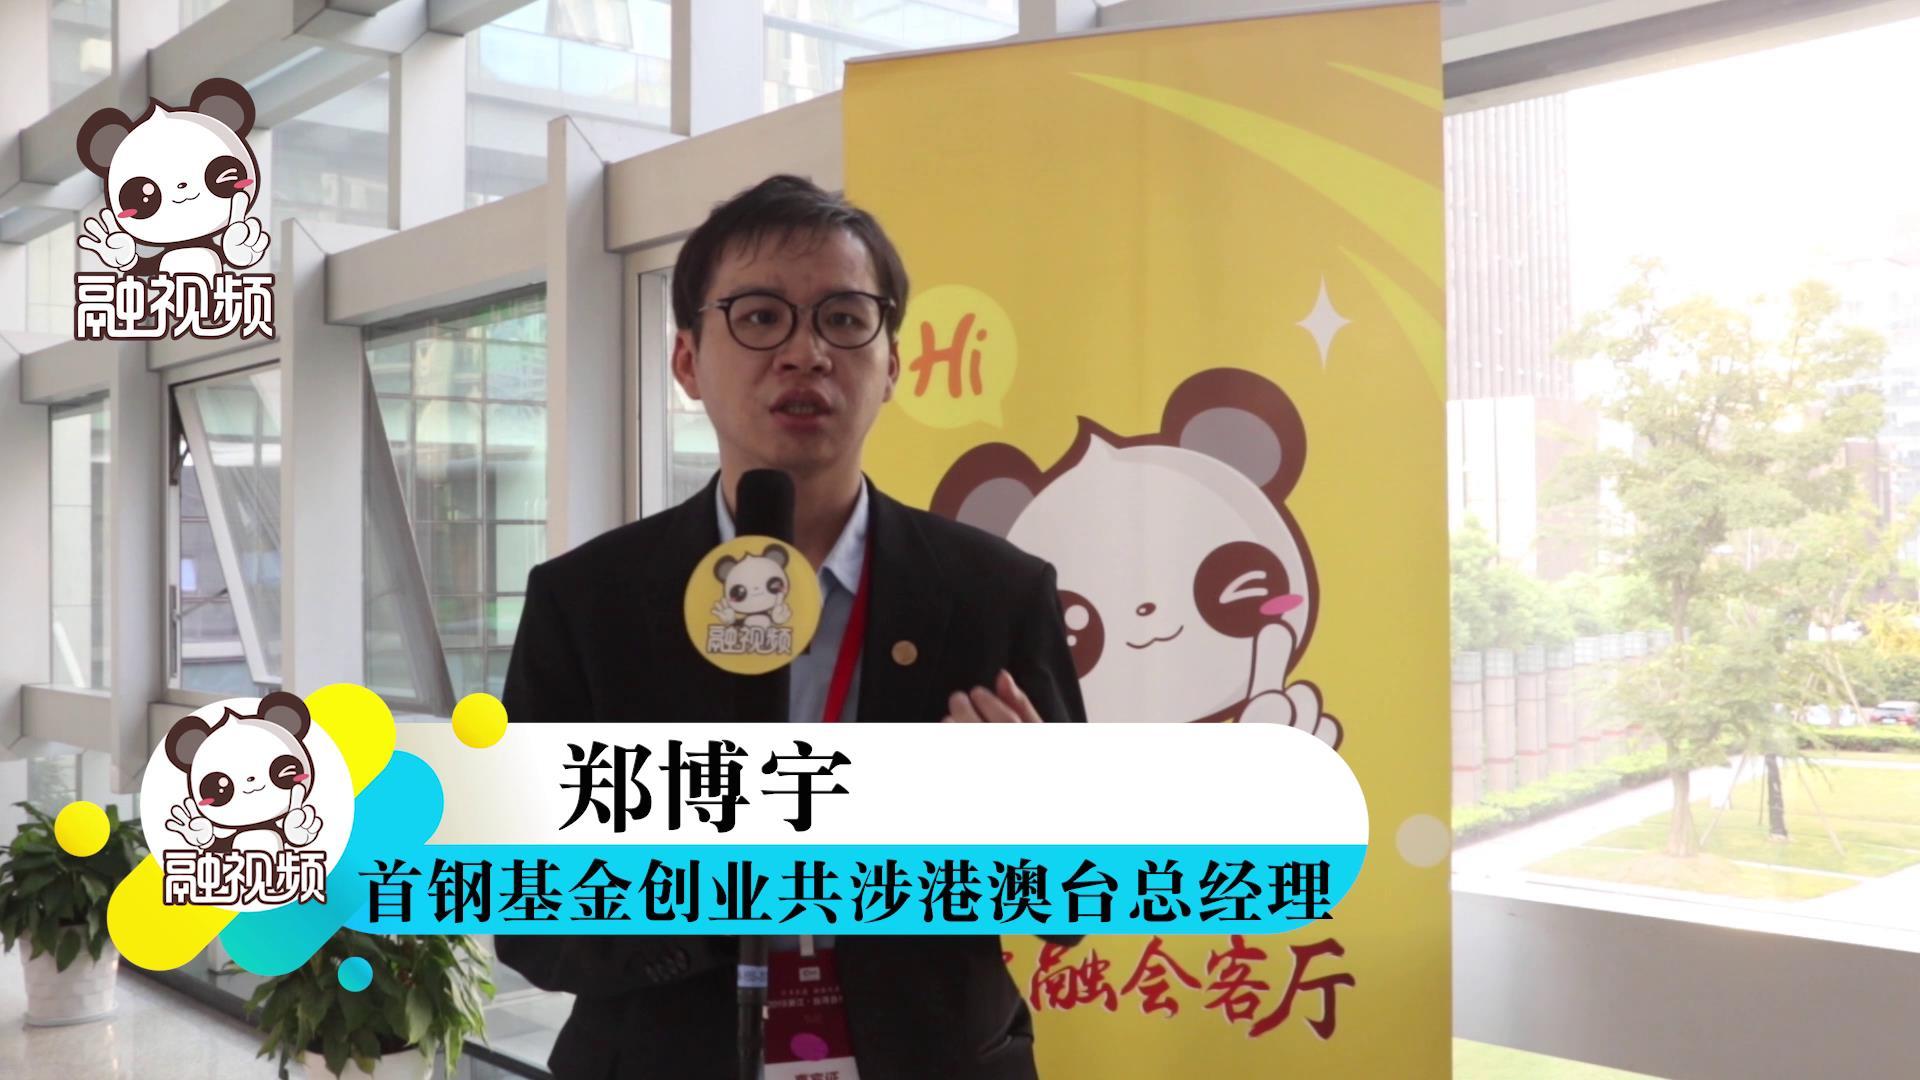 专访首钢基金创业公社社港澳台总经理郑博宇图片